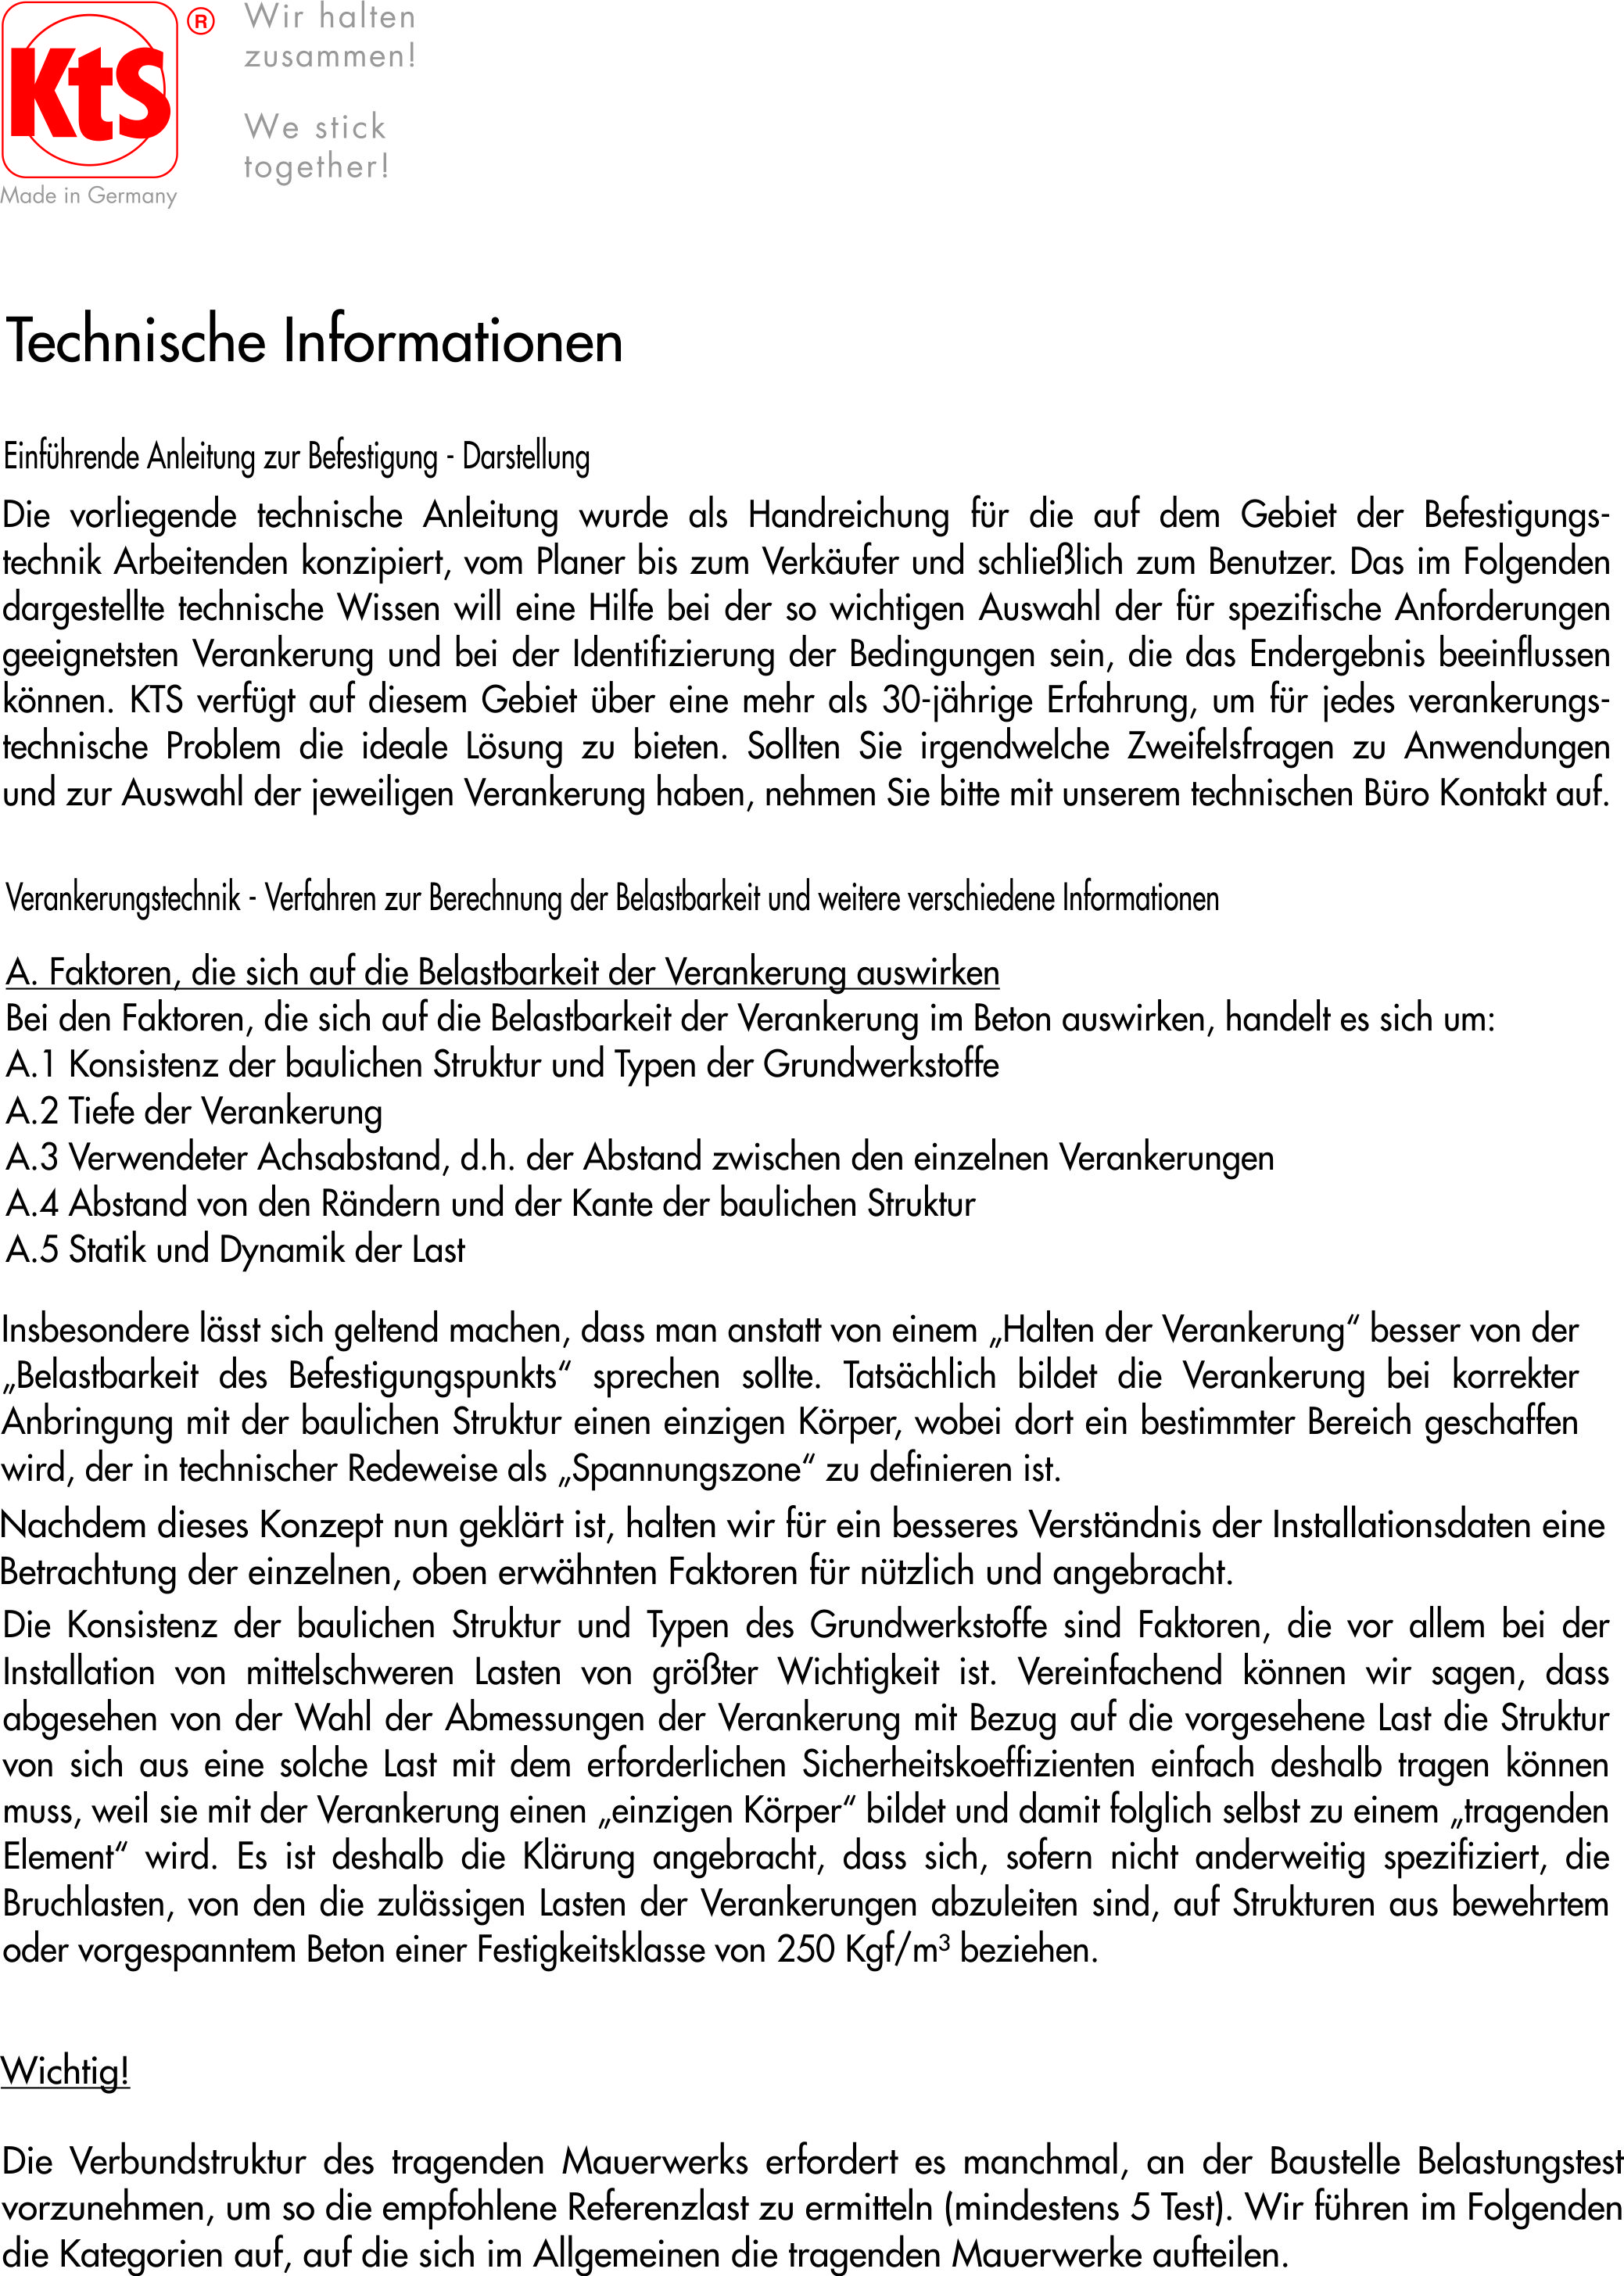 Techn-Informationen-S1